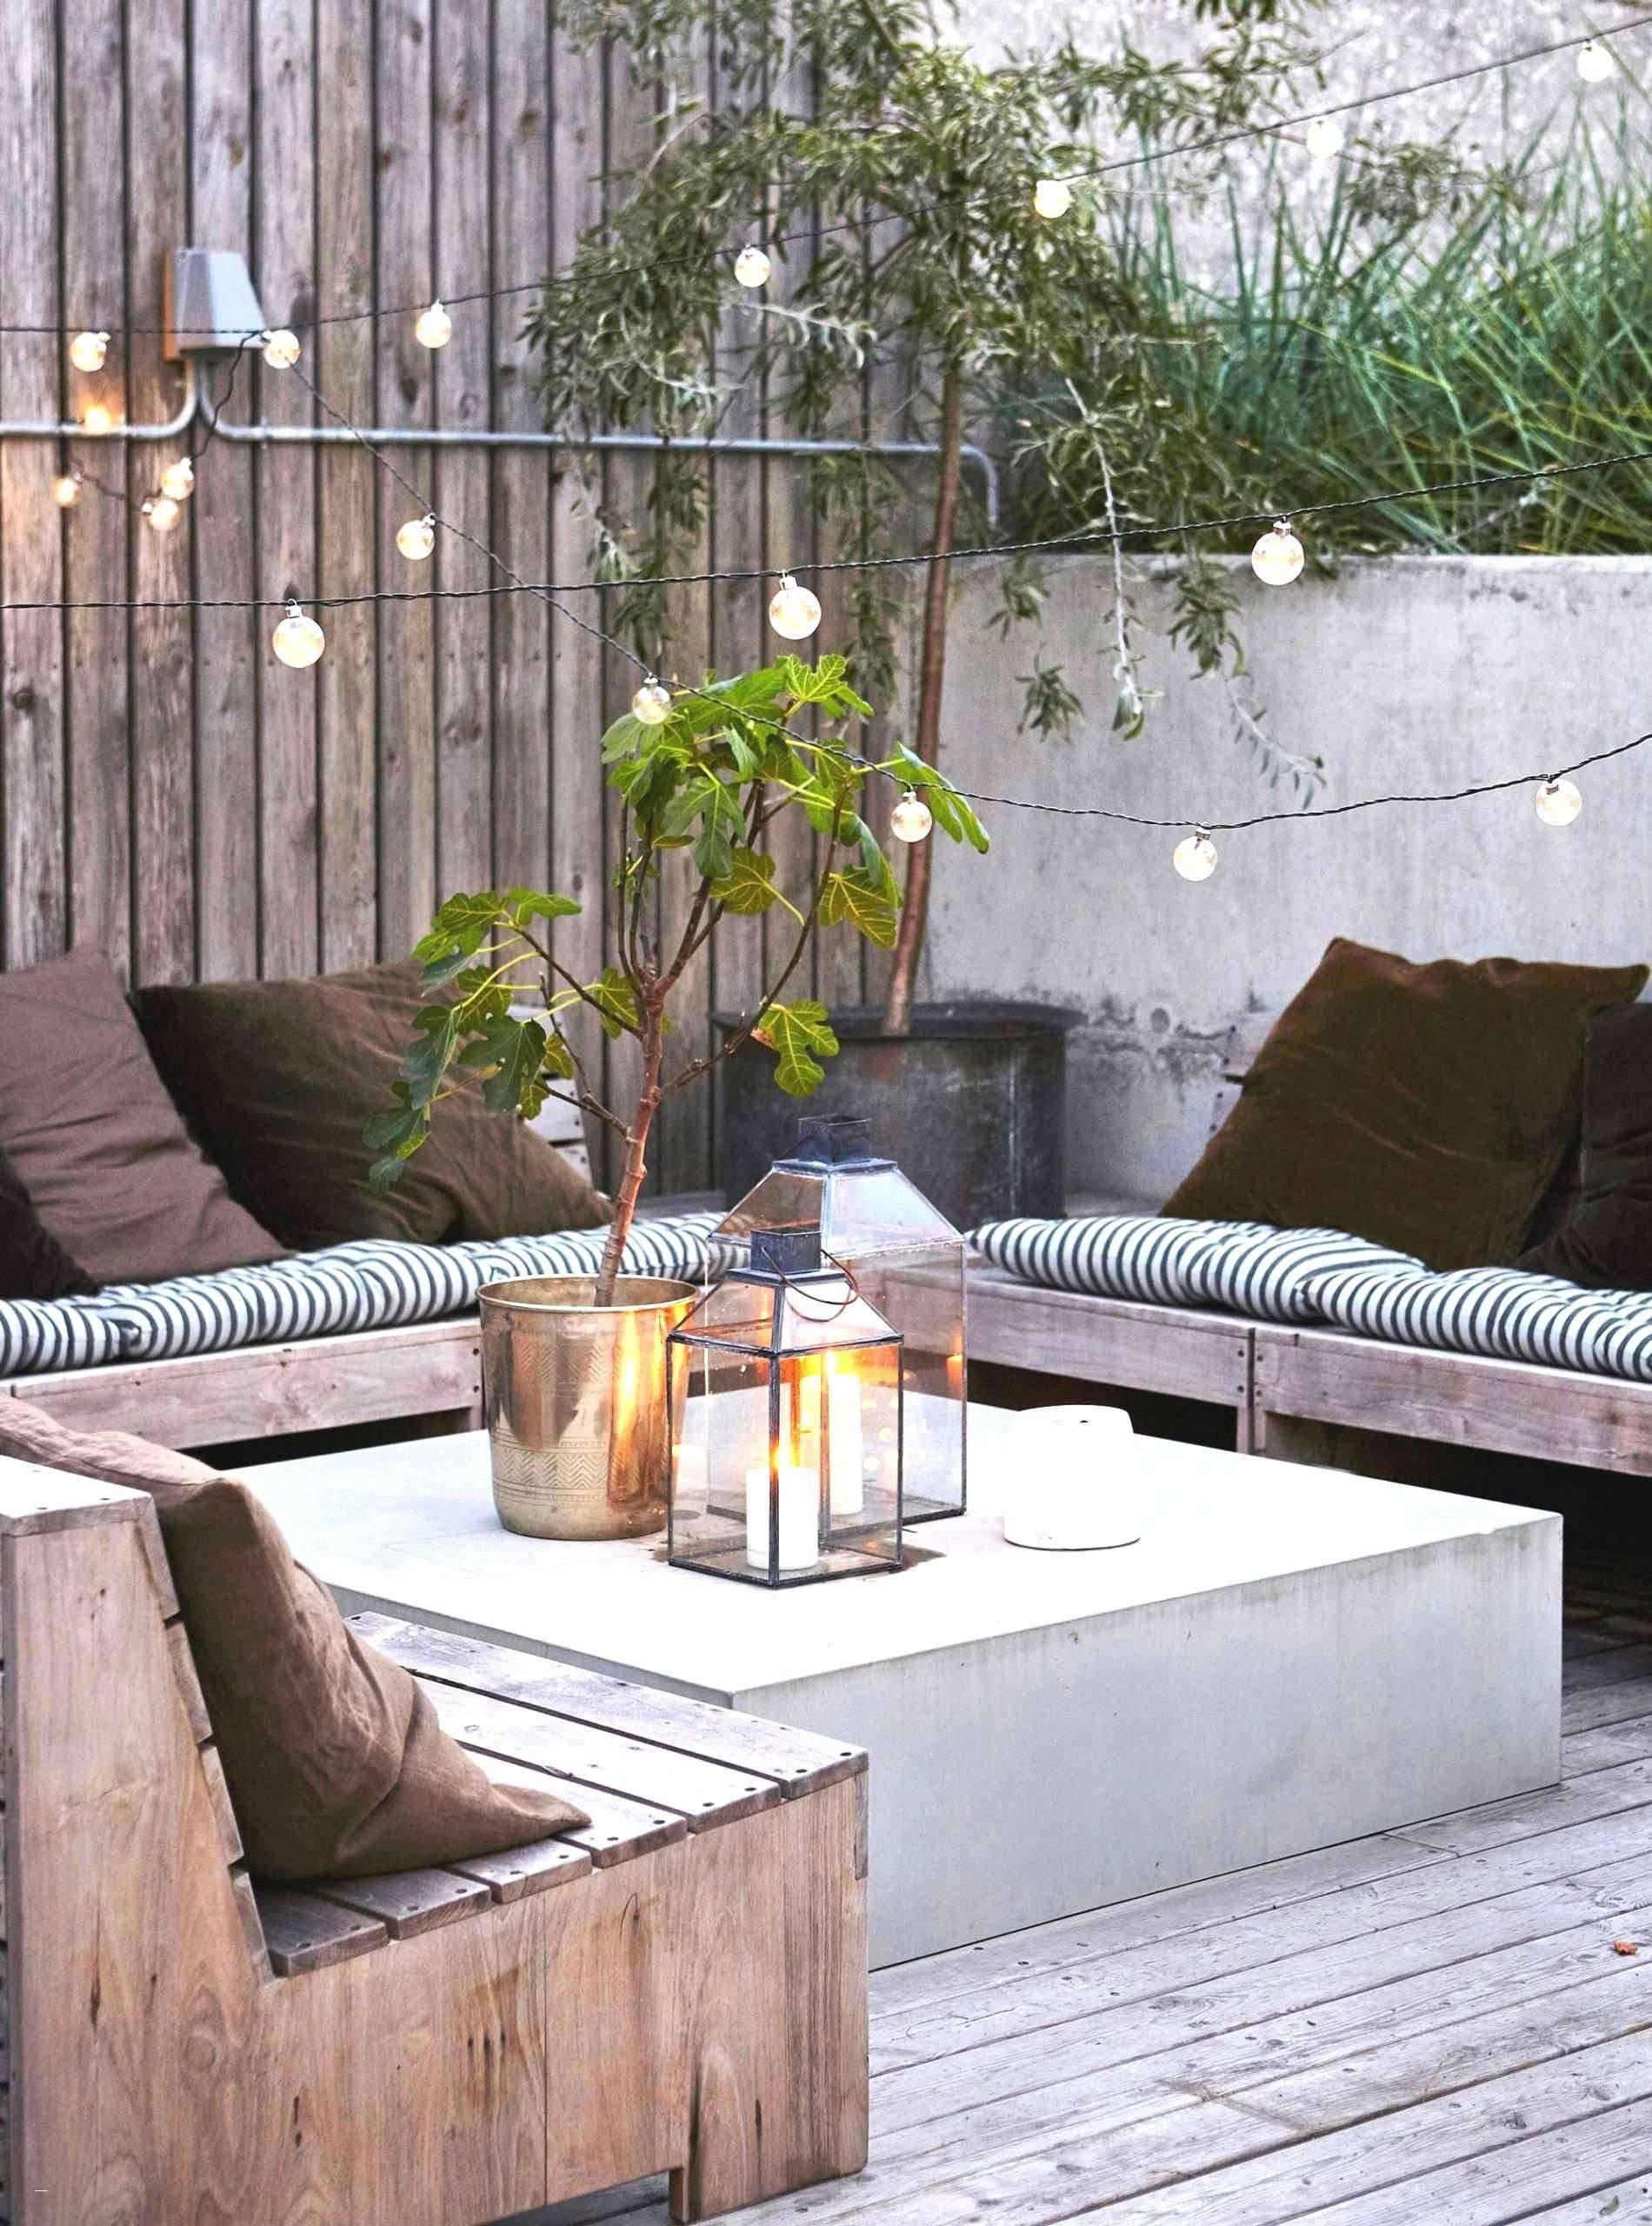 wand wohnzimmer fliesen fresh 48 inspirierend deko grun wohnzimmer bild of wand wohnzimmer fliesen